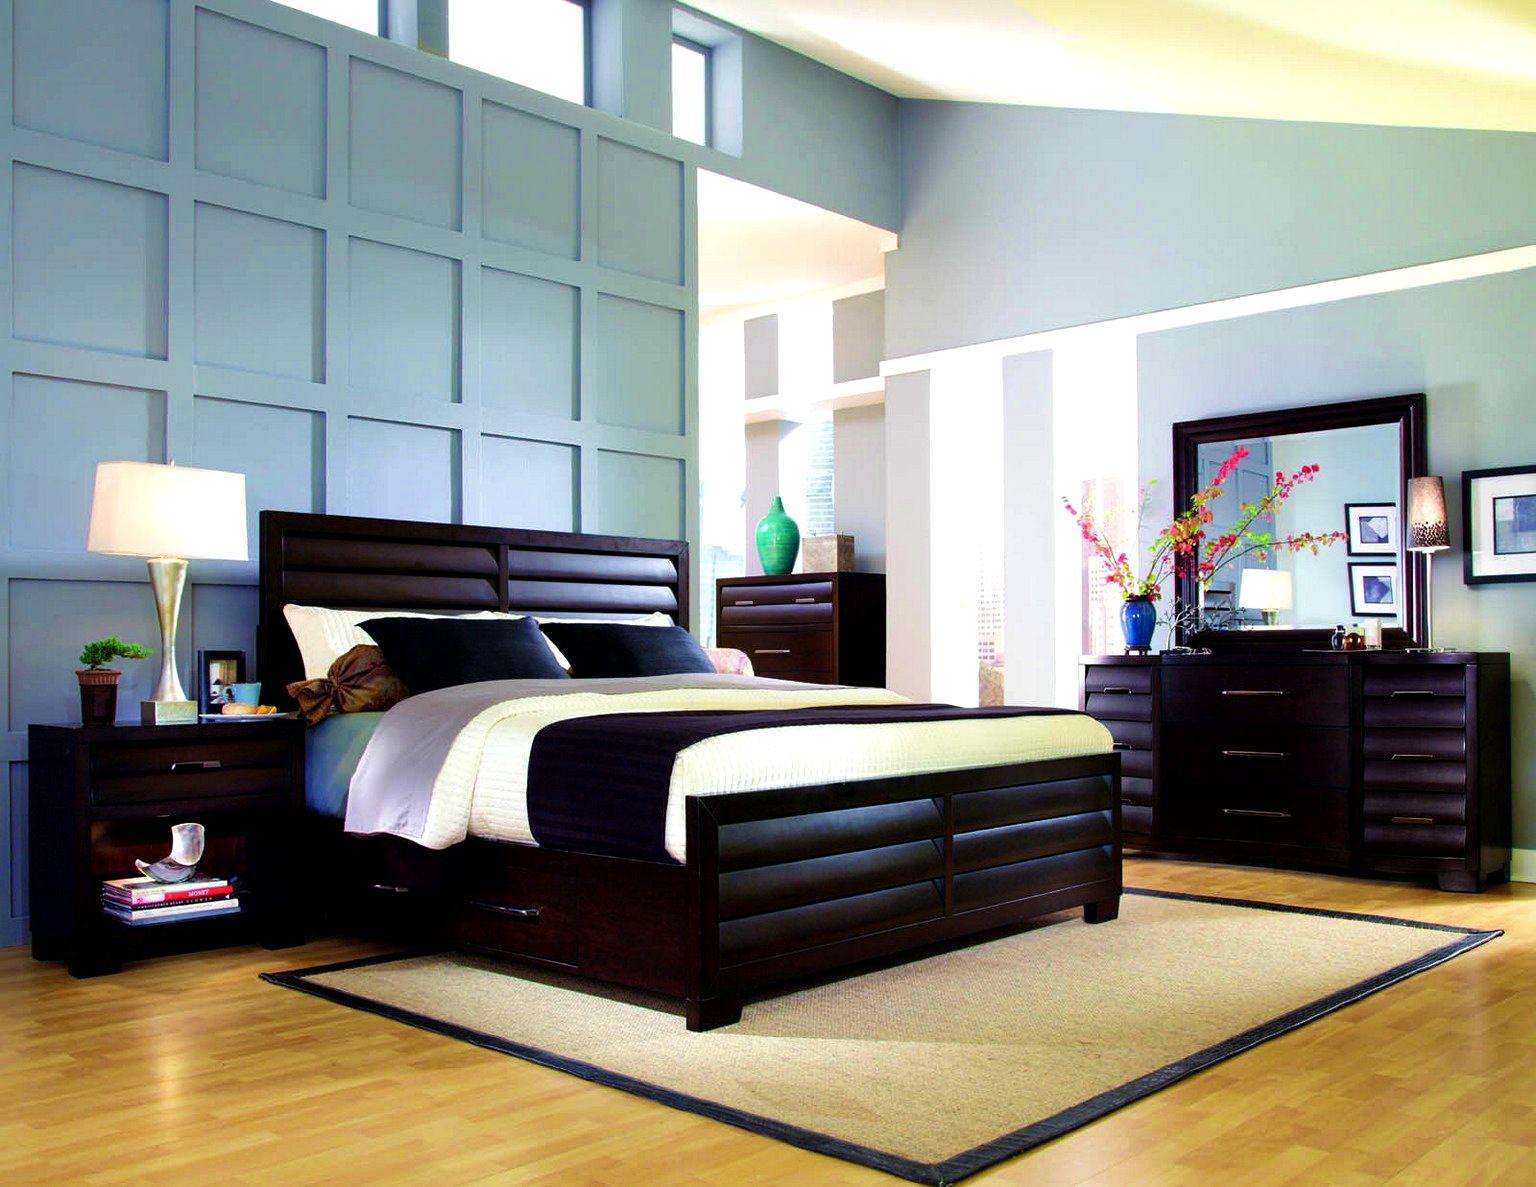 Eine Gute Farbe Für Ein Schlafzimmer - Schlafzimmer Überprüfen Sie ...